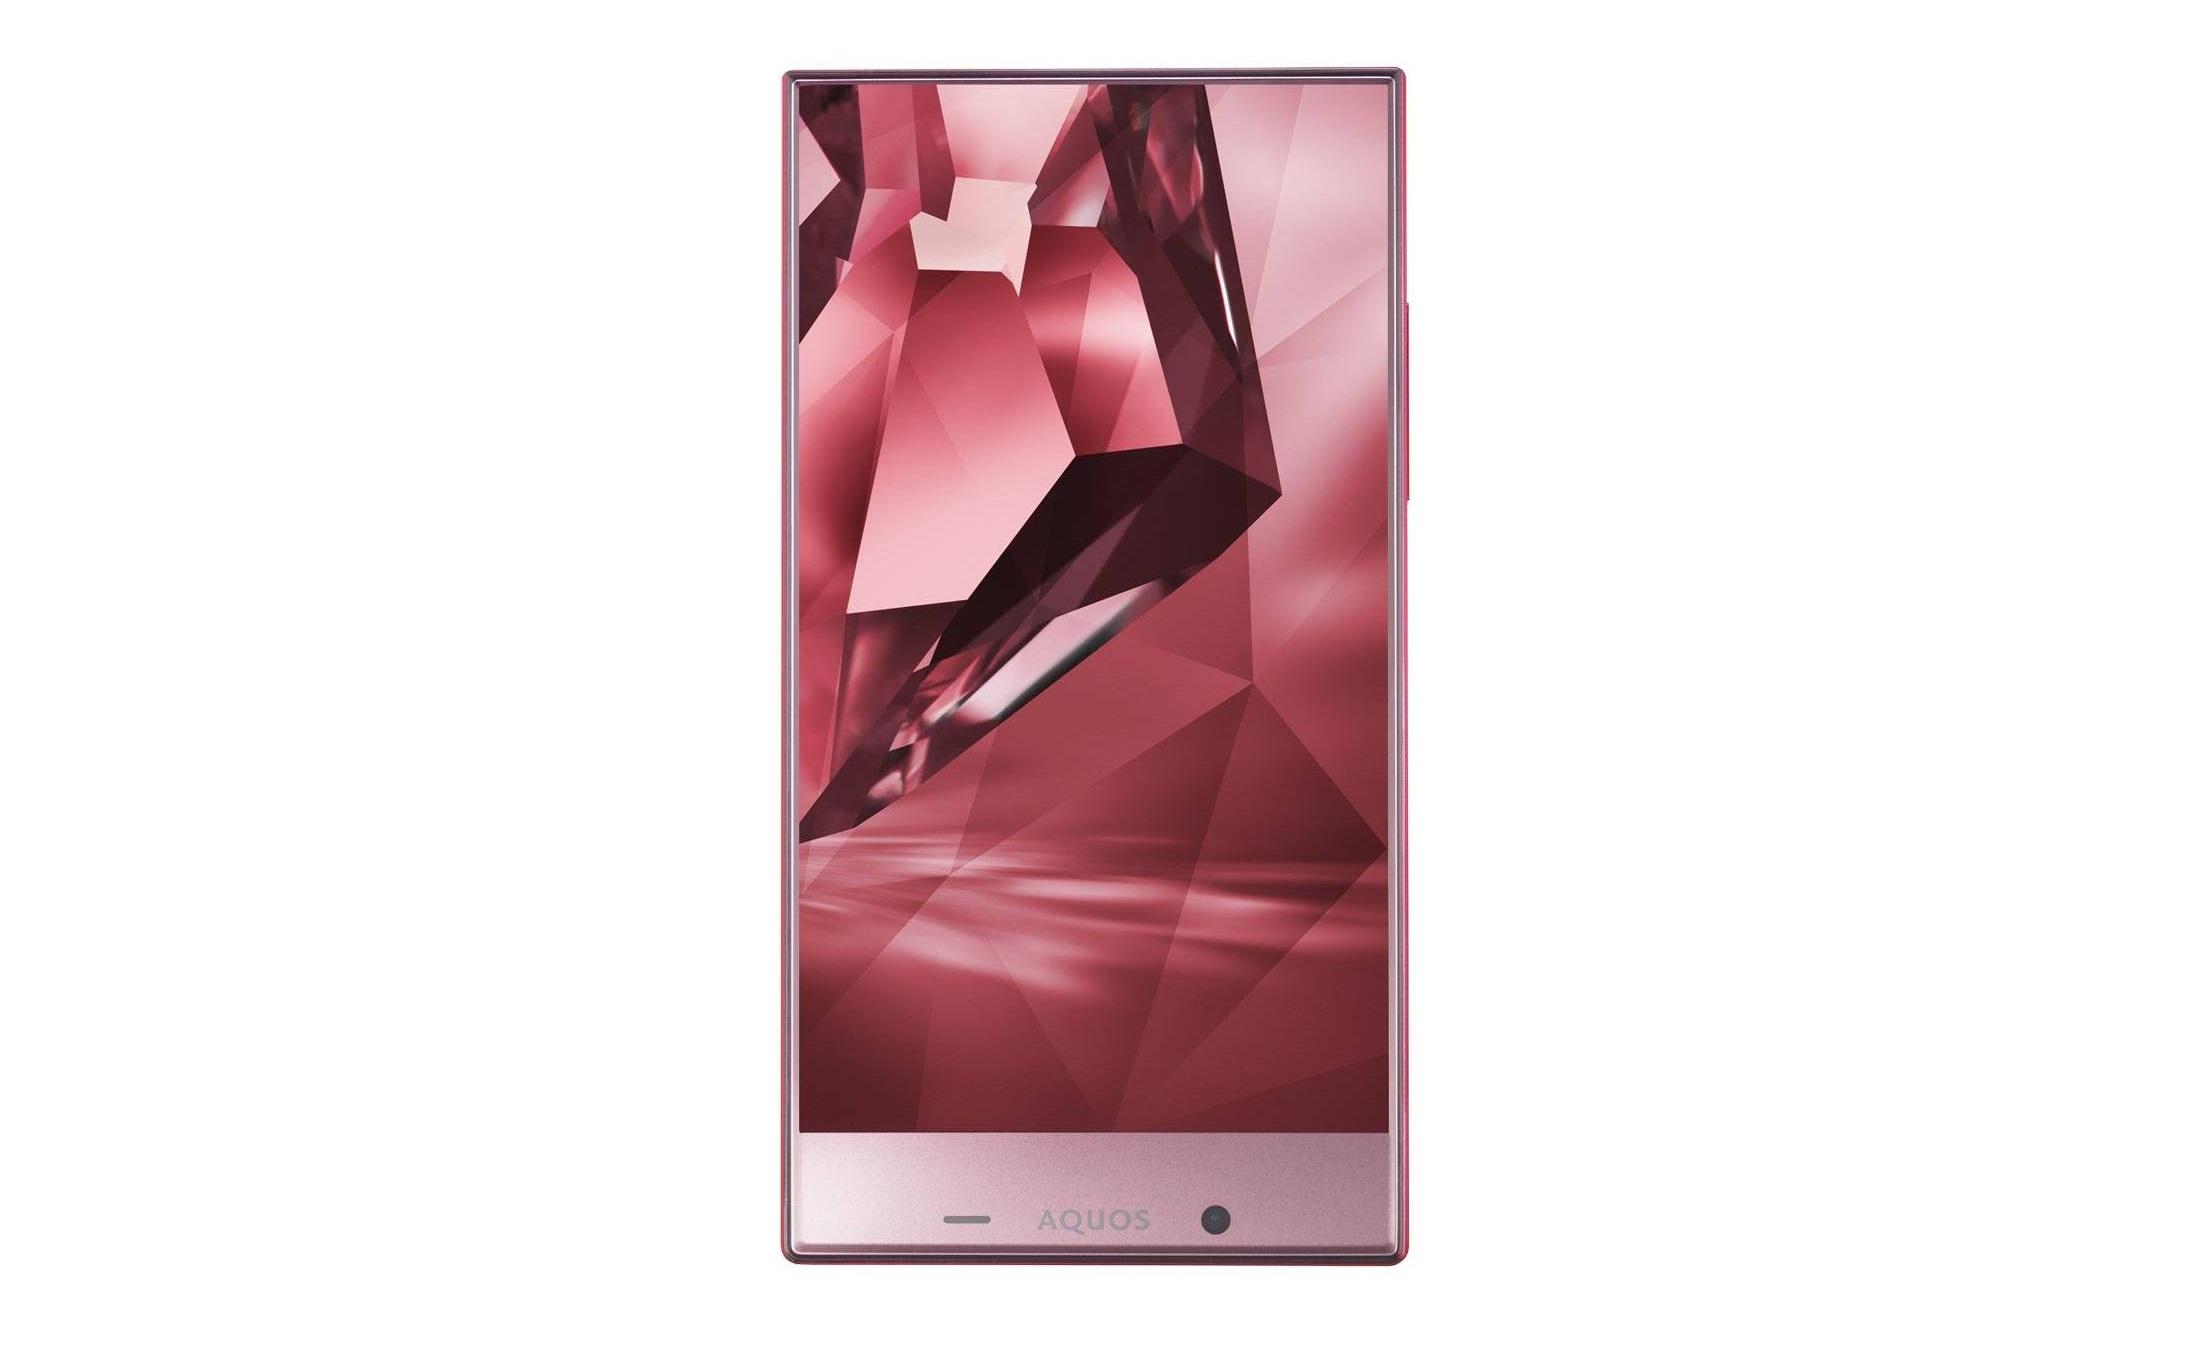 La déclinaison phablette du Sharp Aquos Crystal se présente